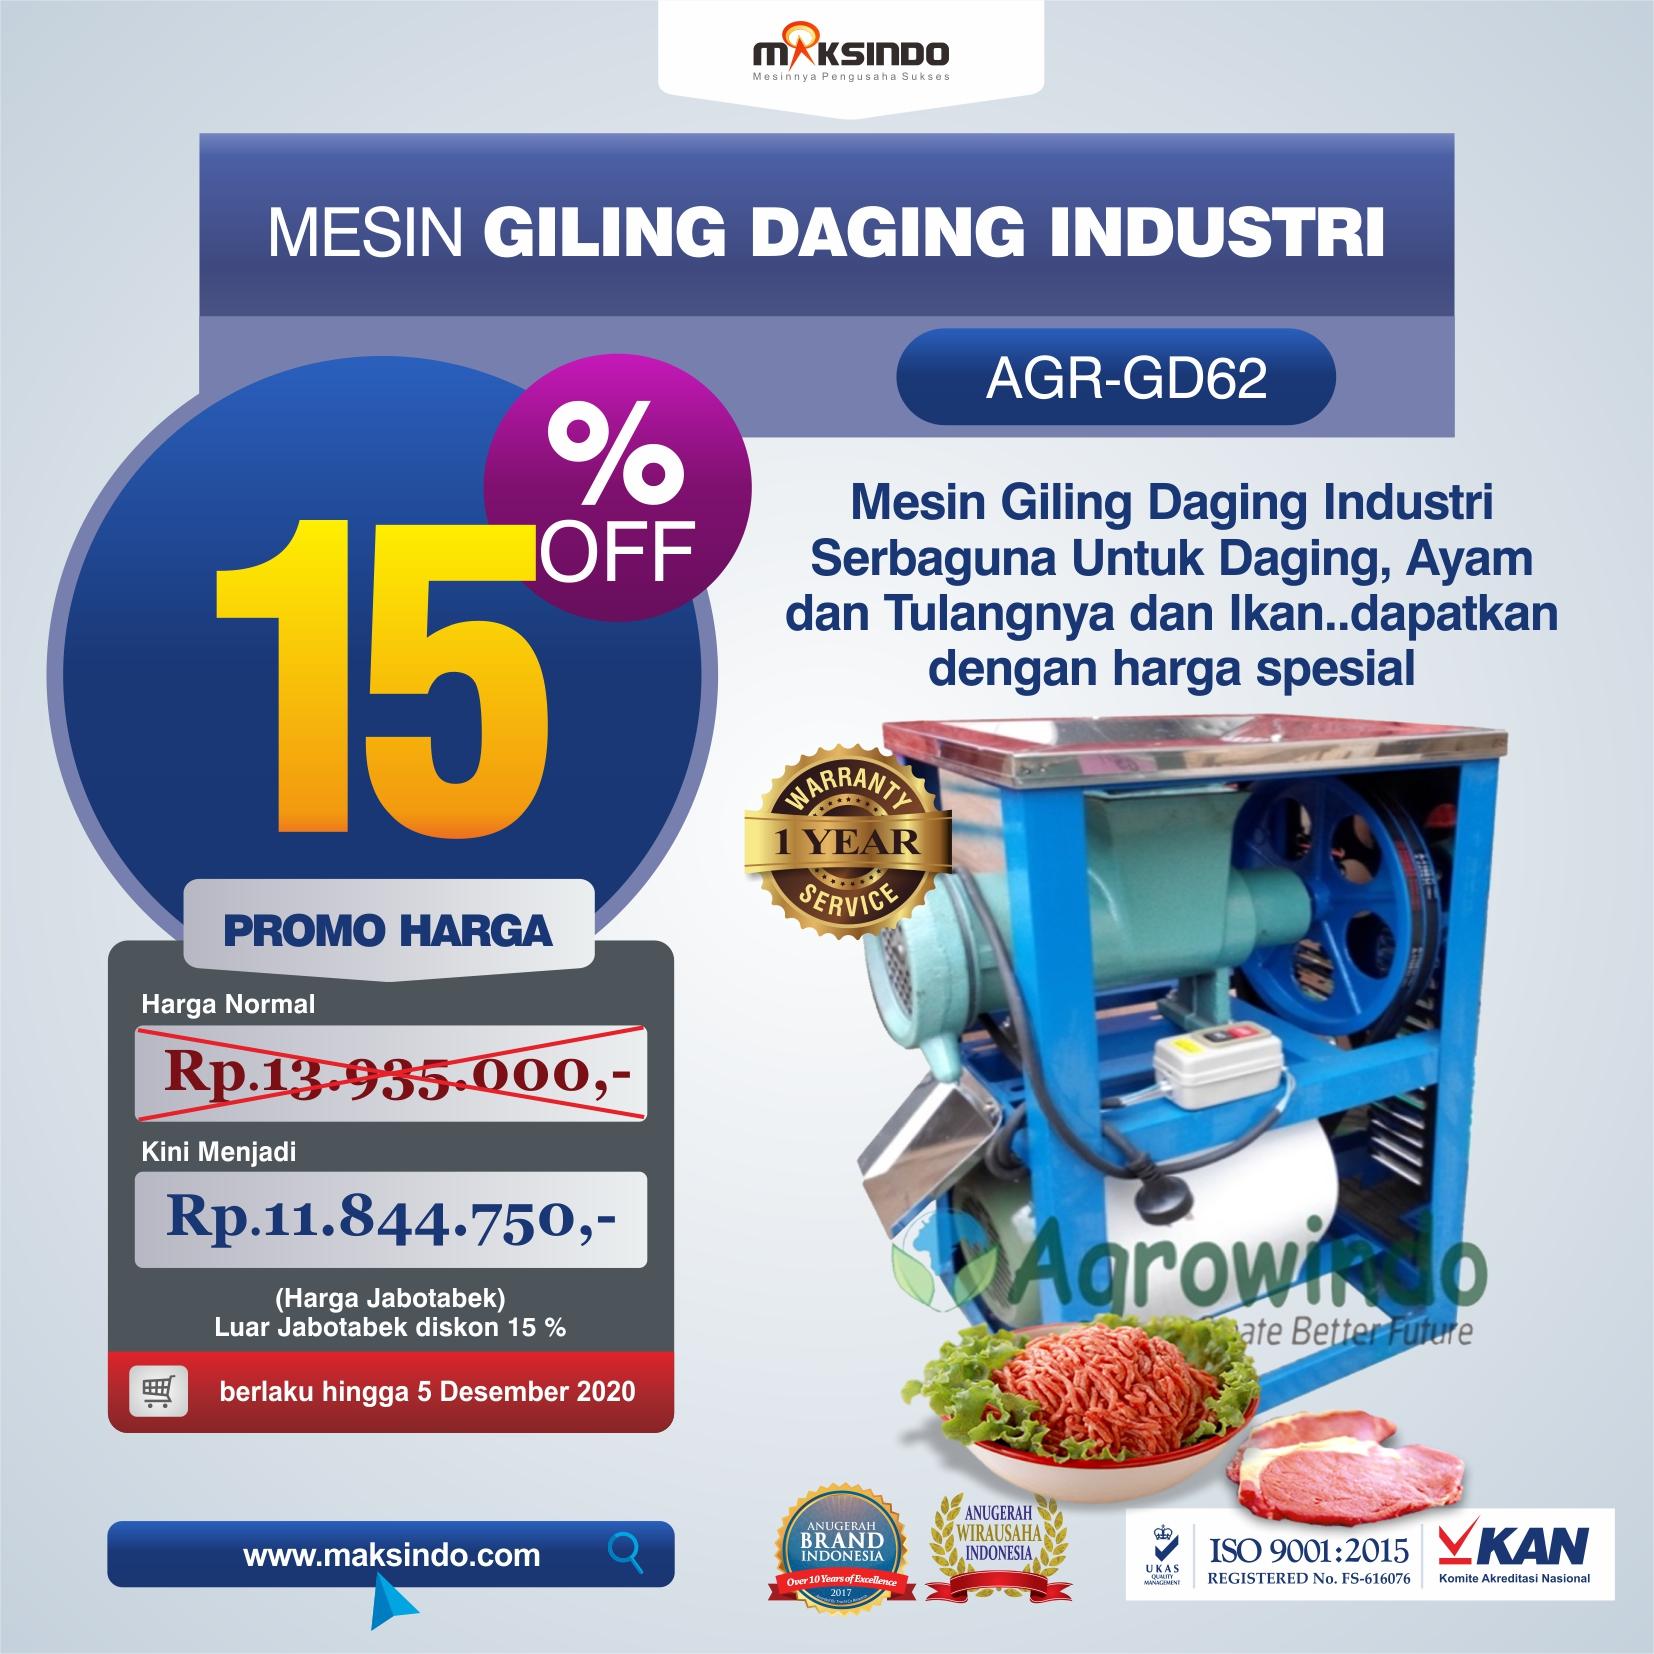 Jual Mesin Giling Daging Industri (AGR-GD62) di Tangerang